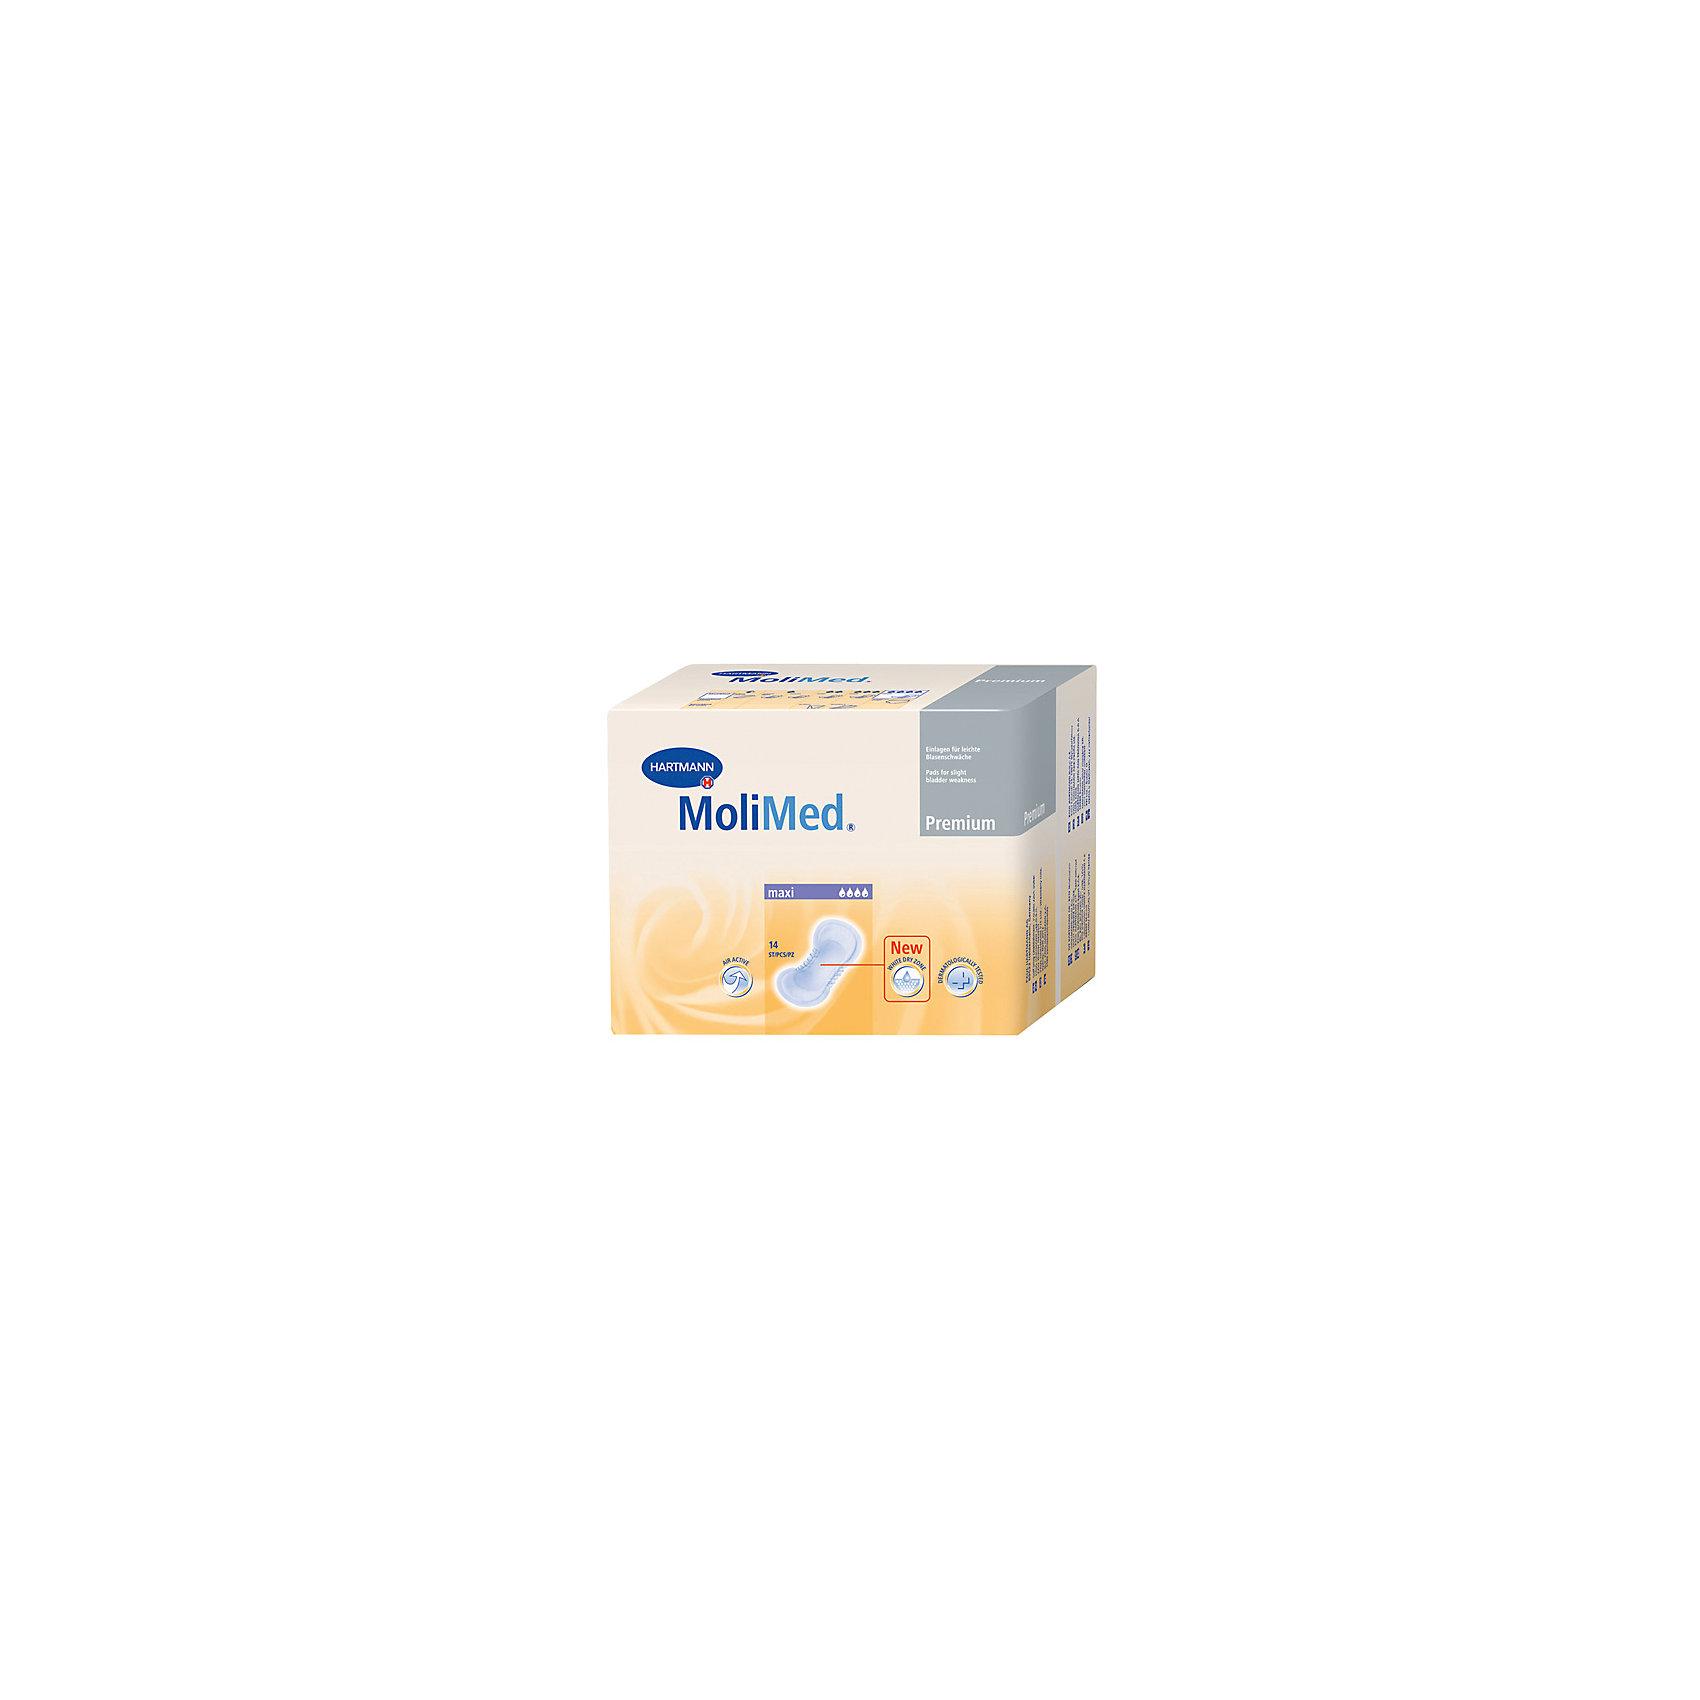 Прокладки MoliMed Premium maxi впитываемость 922 мл. (14шт.), HartmannСредства для ухода<br>Быстро впитывающие прокладки MoliMed (Молимед) Premium имеют ультрасорбционный слой Dry Plus,благодаря которому происходит действие переработки влаги в гель,что обеспечивает сухое состояние коже.Молекула CyDex предотвращает неприятные запахи,в свою очередь эластичные манжеты препятствуют развитию раздражительных процессов,а также противодействуют вытеканию жидкости из прокладок,при этом обеспечивая дыхание коже.Данные прокладки предназначены для применения во время небольших процессов выделения в послеродовой период.<br><br>Ширина мм: 120<br>Глубина мм: 220<br>Высота мм: 150<br>Вес г: 610<br>Возраст от месяцев: 216<br>Возраст до месяцев: 1188<br>Пол: Унисекс<br>Возраст: Детский<br>SKU: 4796672